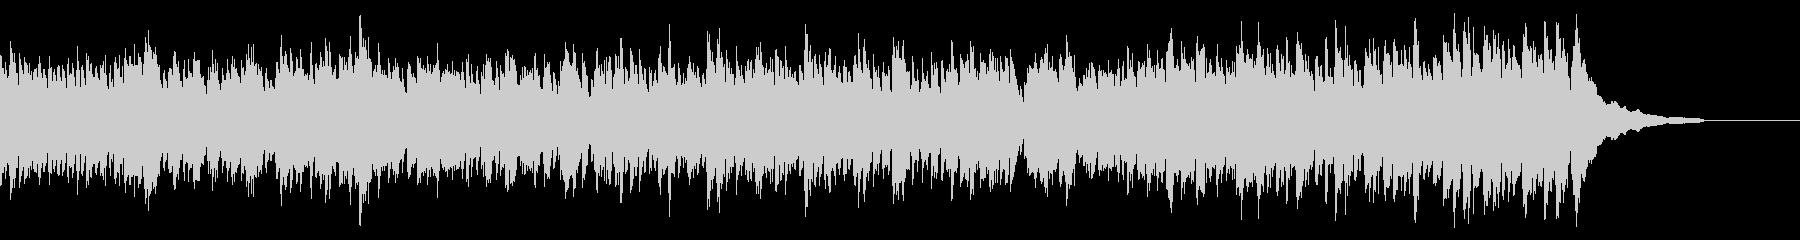 明るく優雅なチェンバロ バロック・高音質の未再生の波形